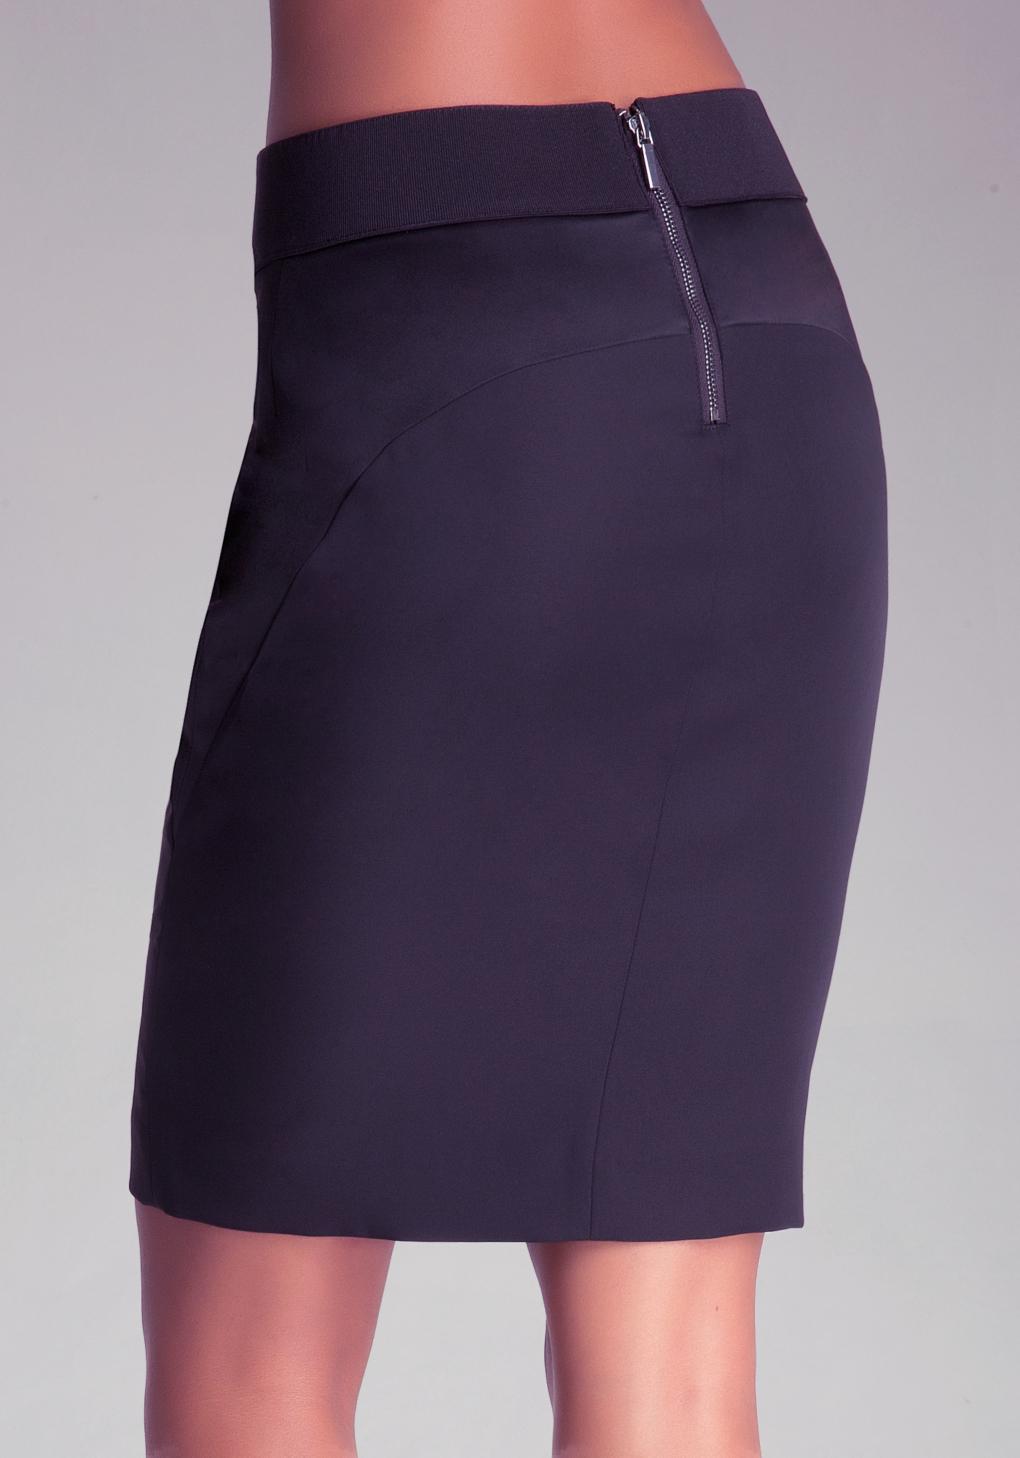 bebe slit pencil skirt in black lyst